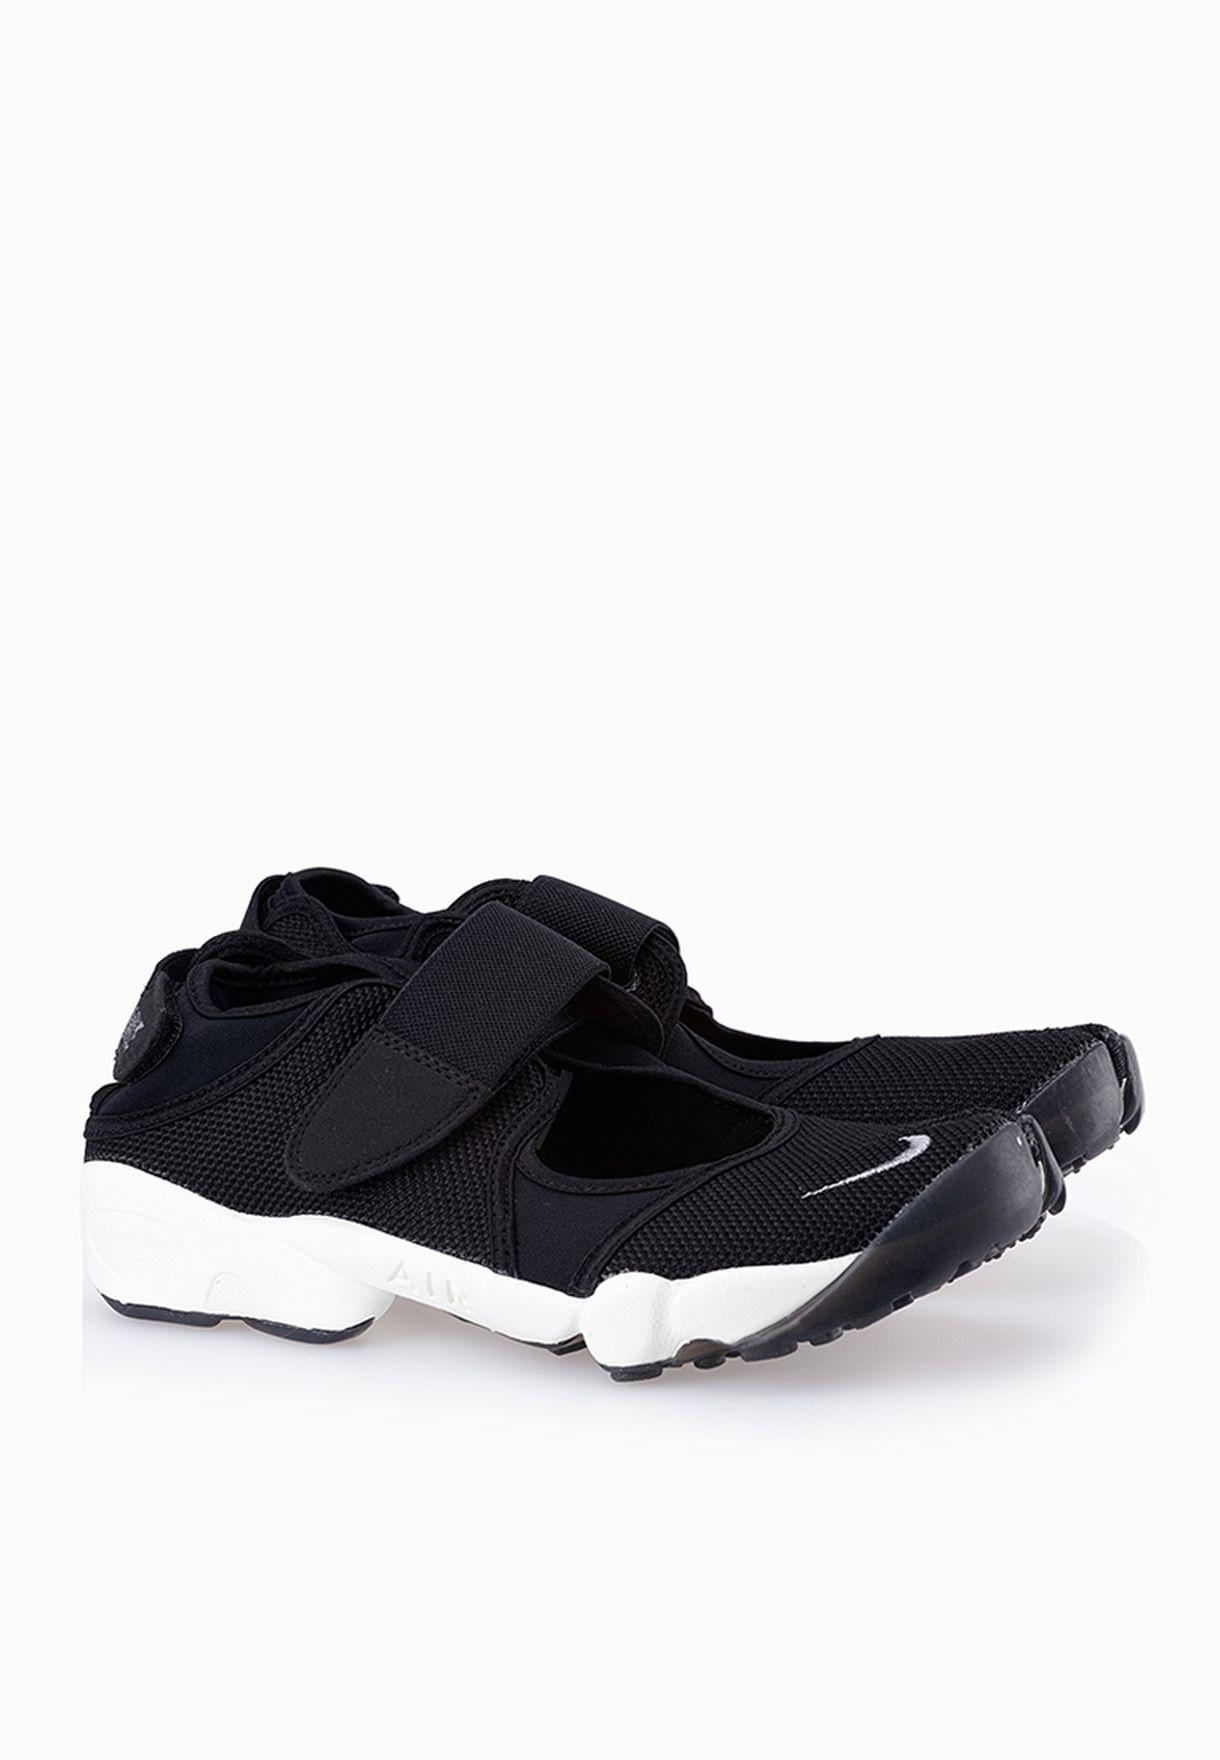 san francisco cd9d1 27a6b Air Rift Sneakers